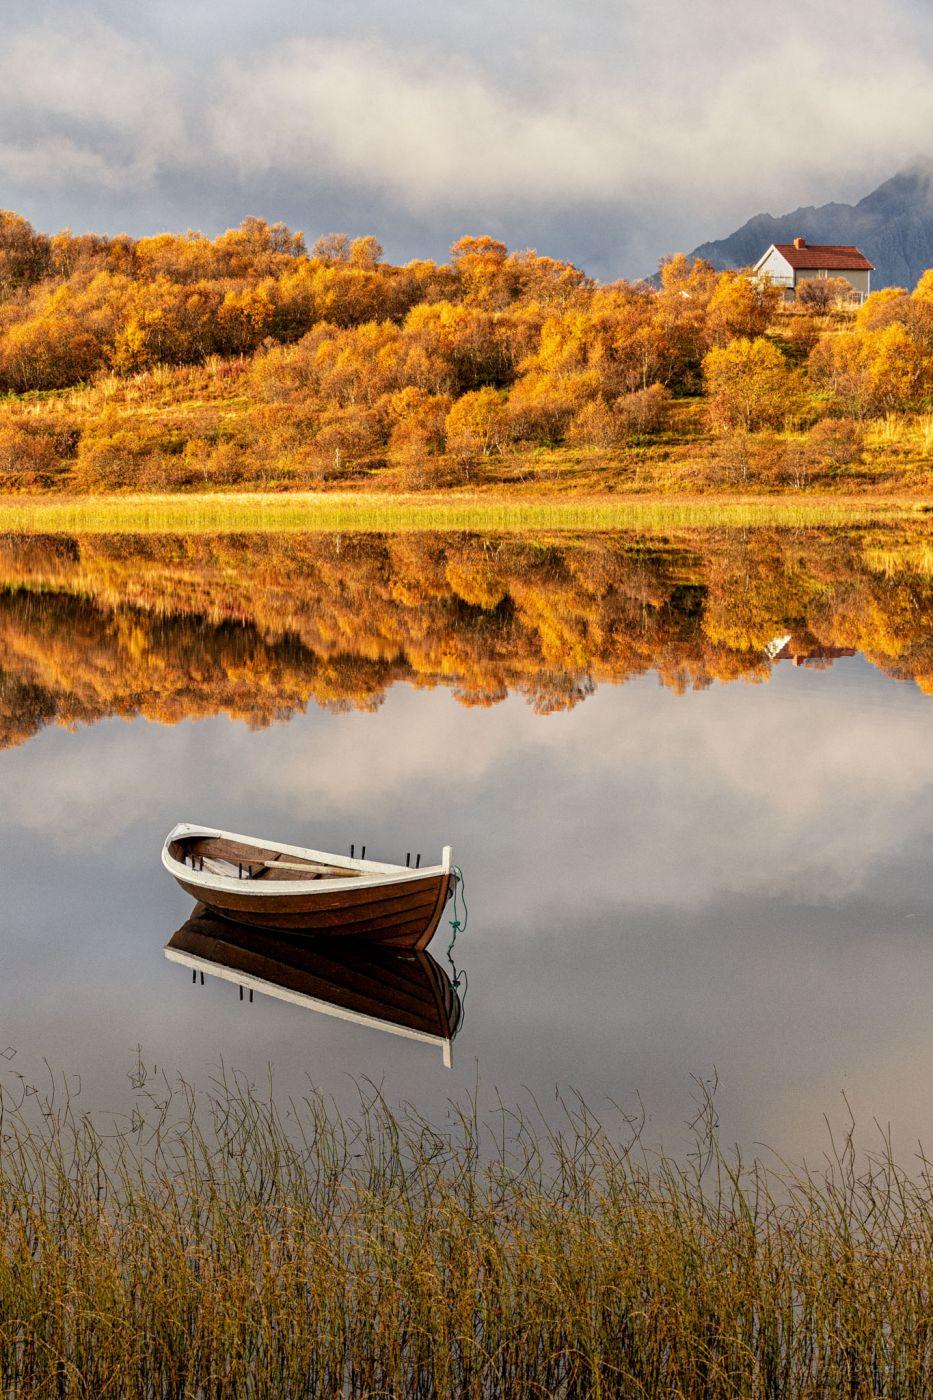 Skullbruvatnet view - Leknes, Norway